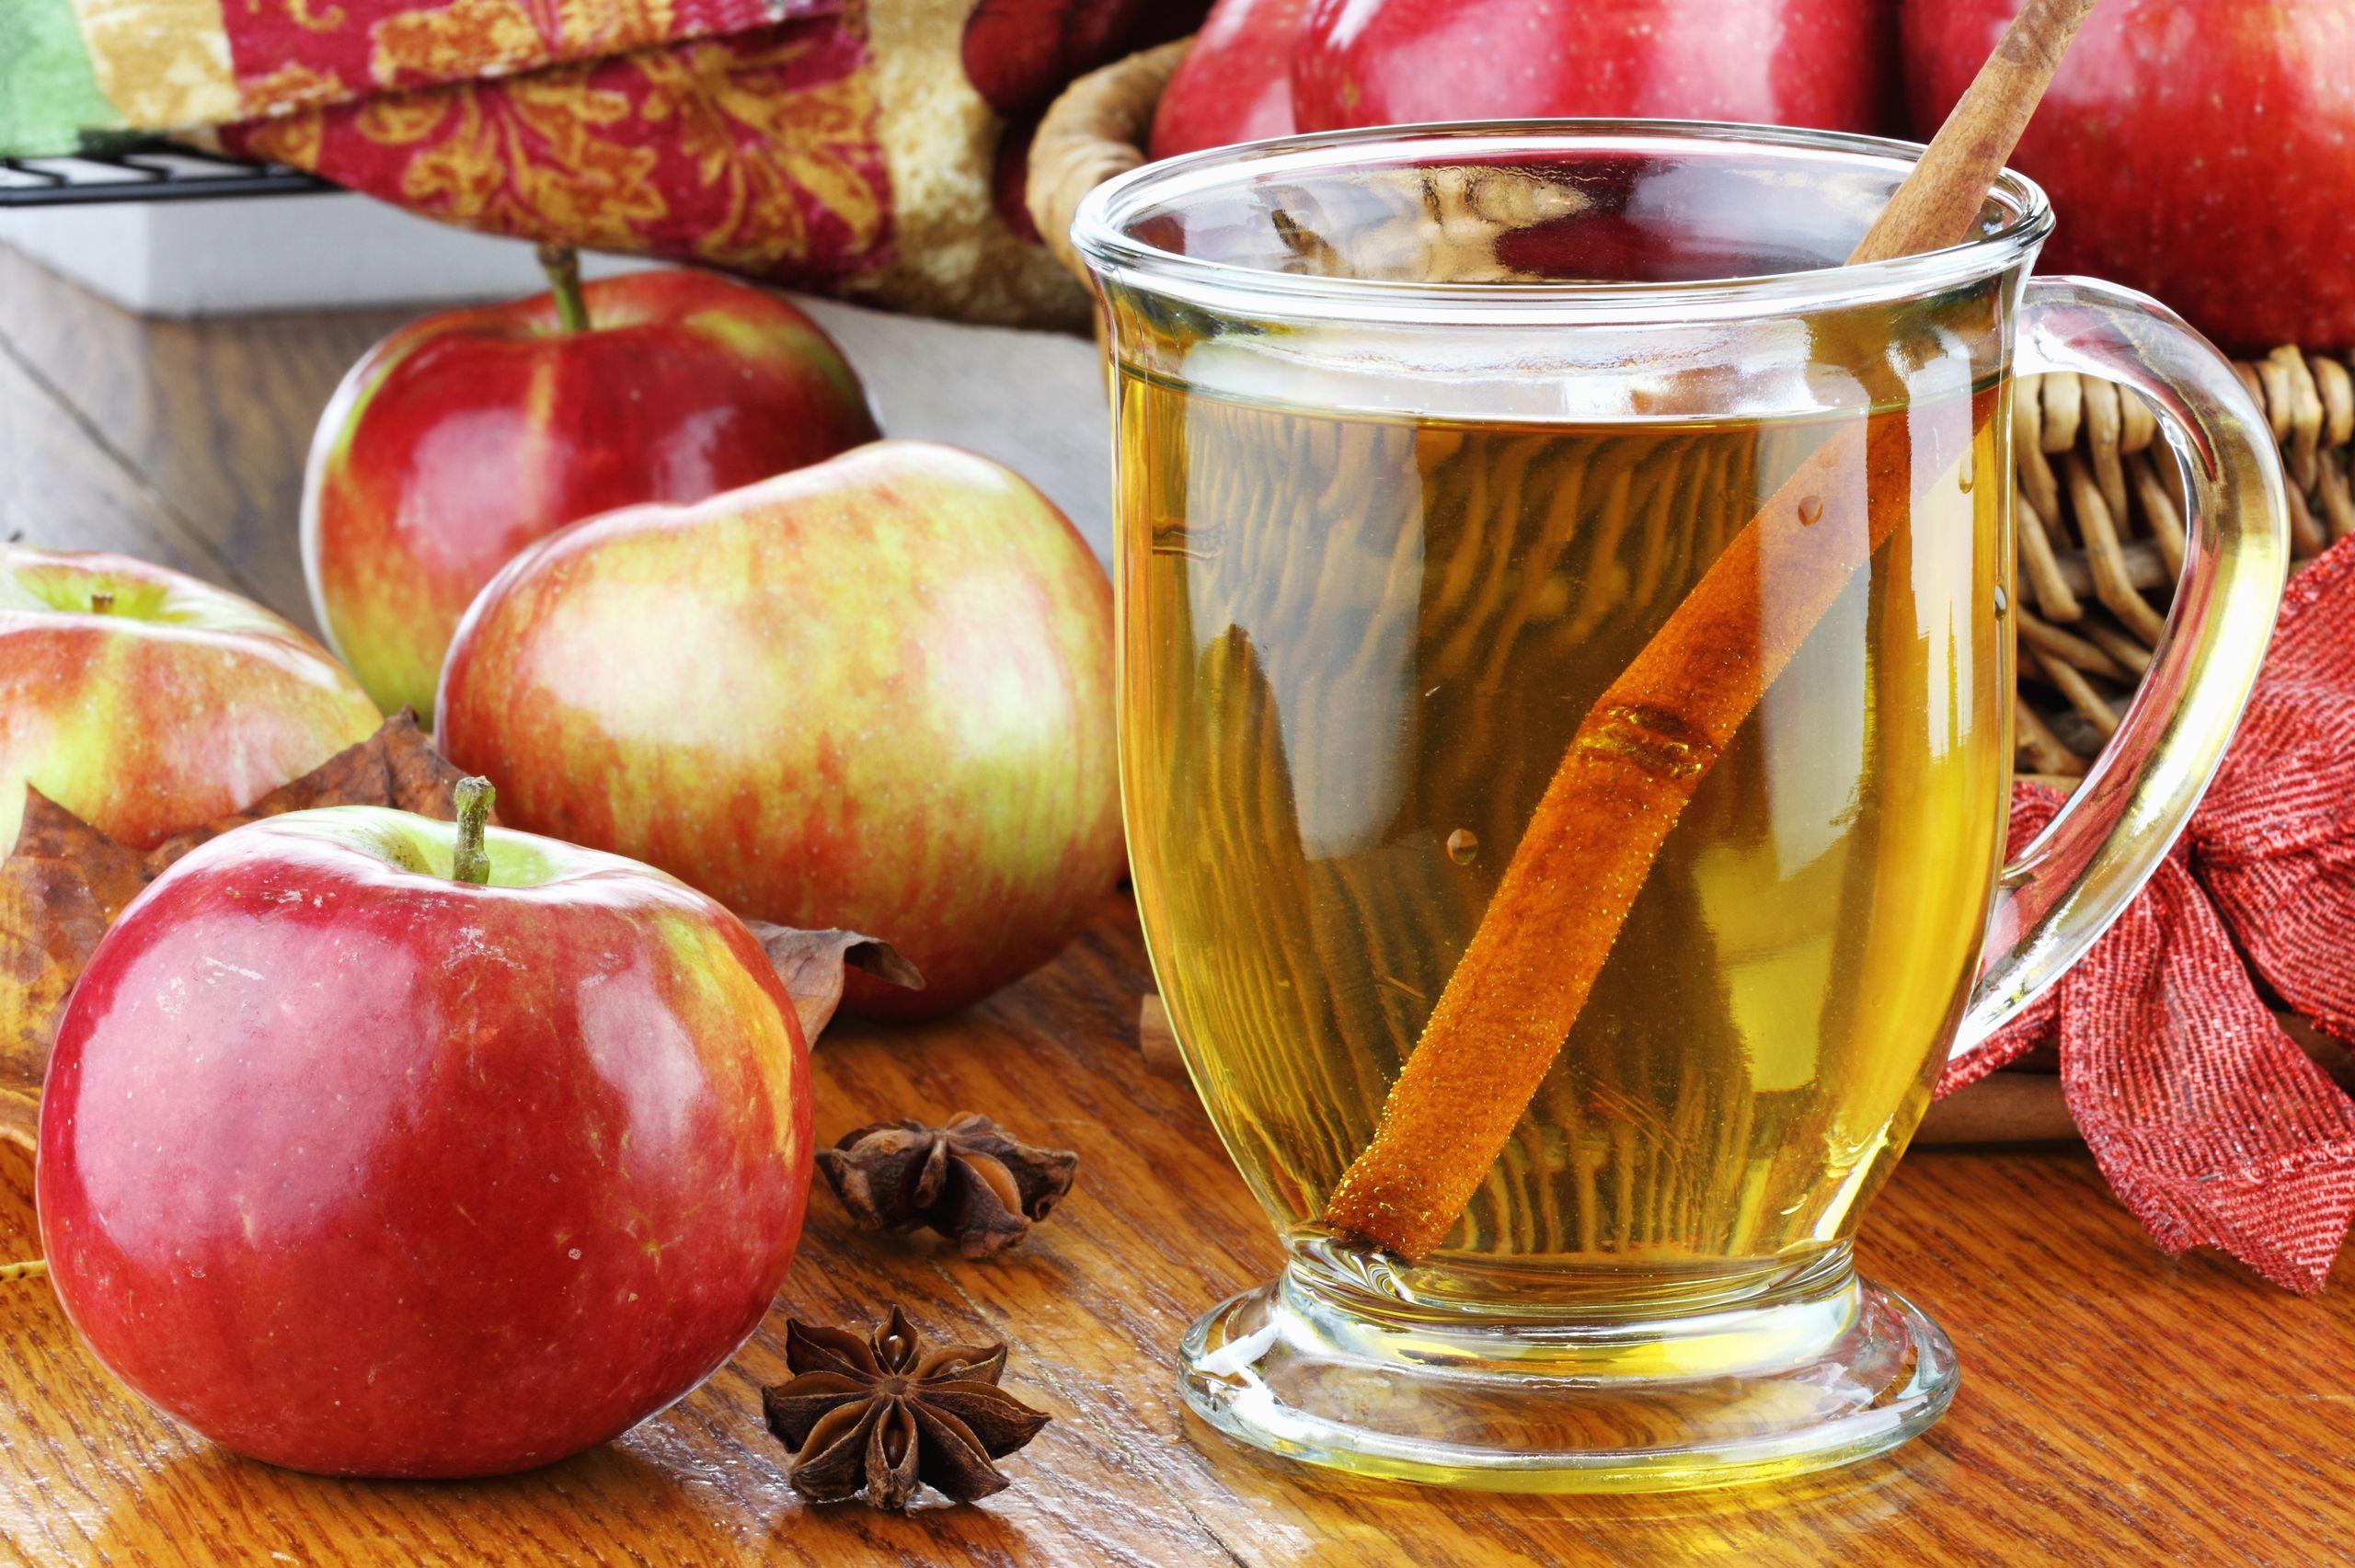 еда чай конфеты яблоки food tea candy apples  № 325897 без смс